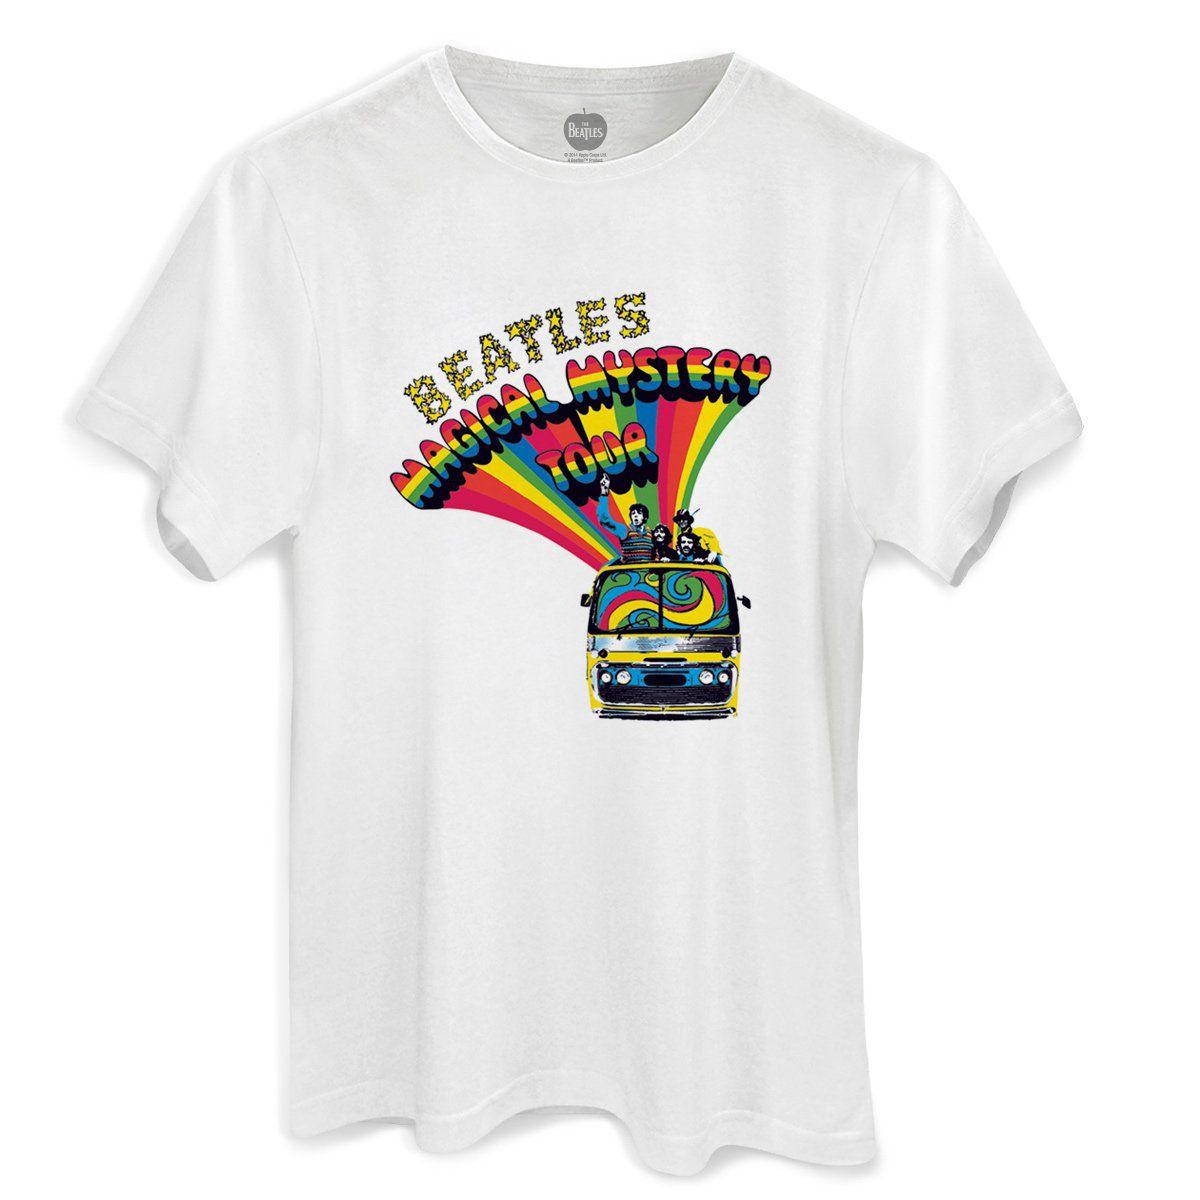 Camiseta Unissex The Beatles Bus Basic  - bandUP Store Marketplace